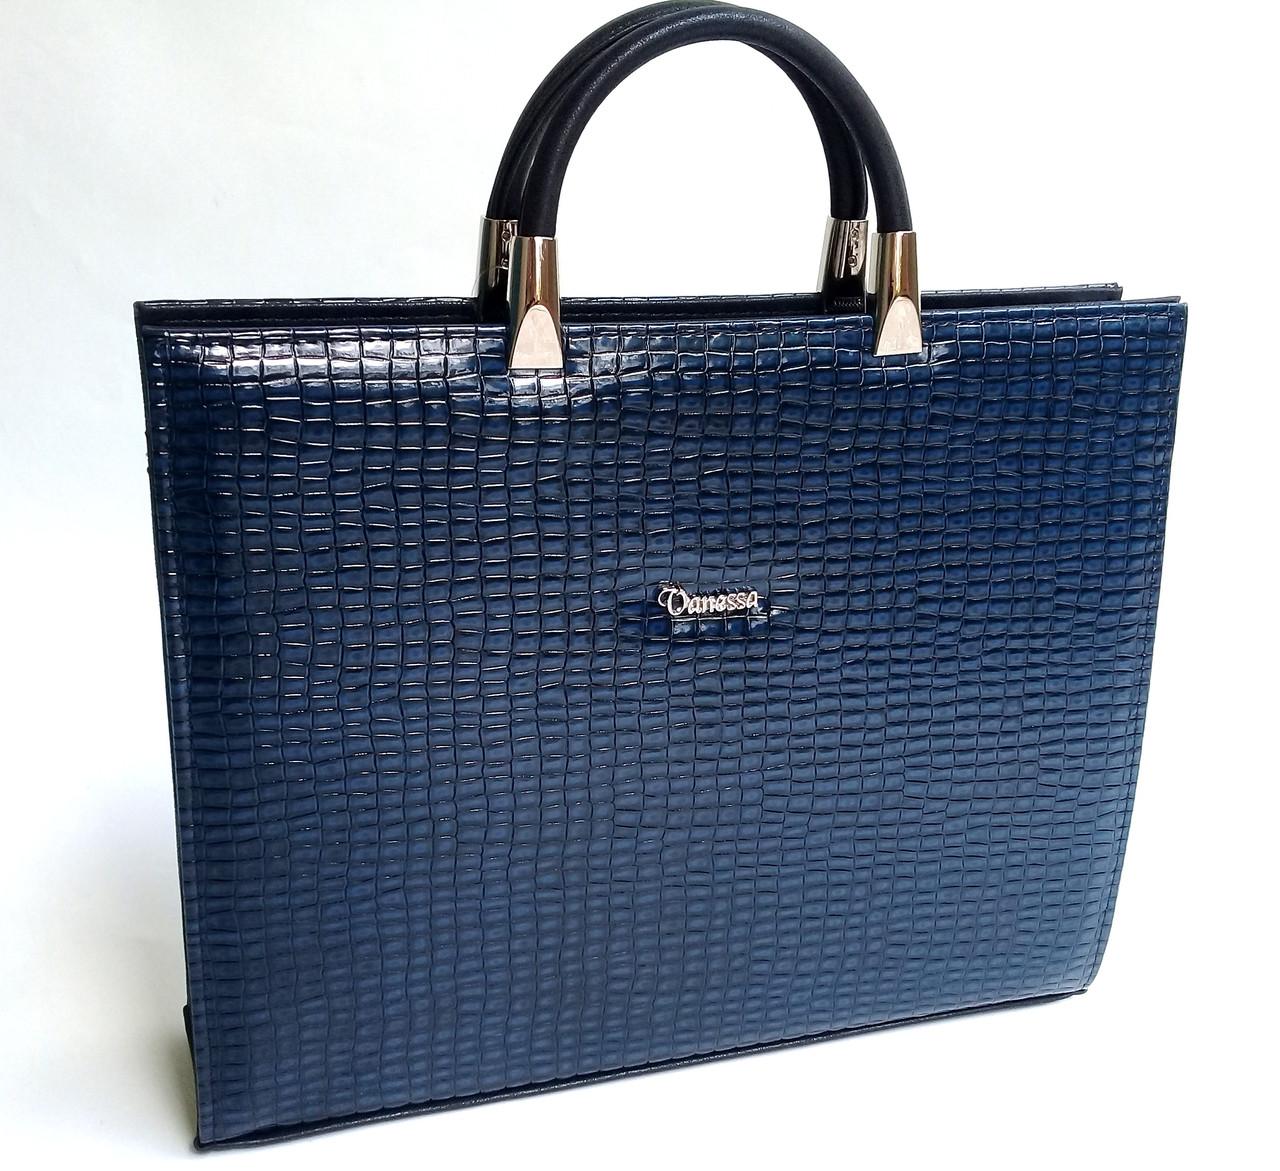 7e71136a1dde Женская сумка-портфель для документов и планшета Vanessa, рельефная ...